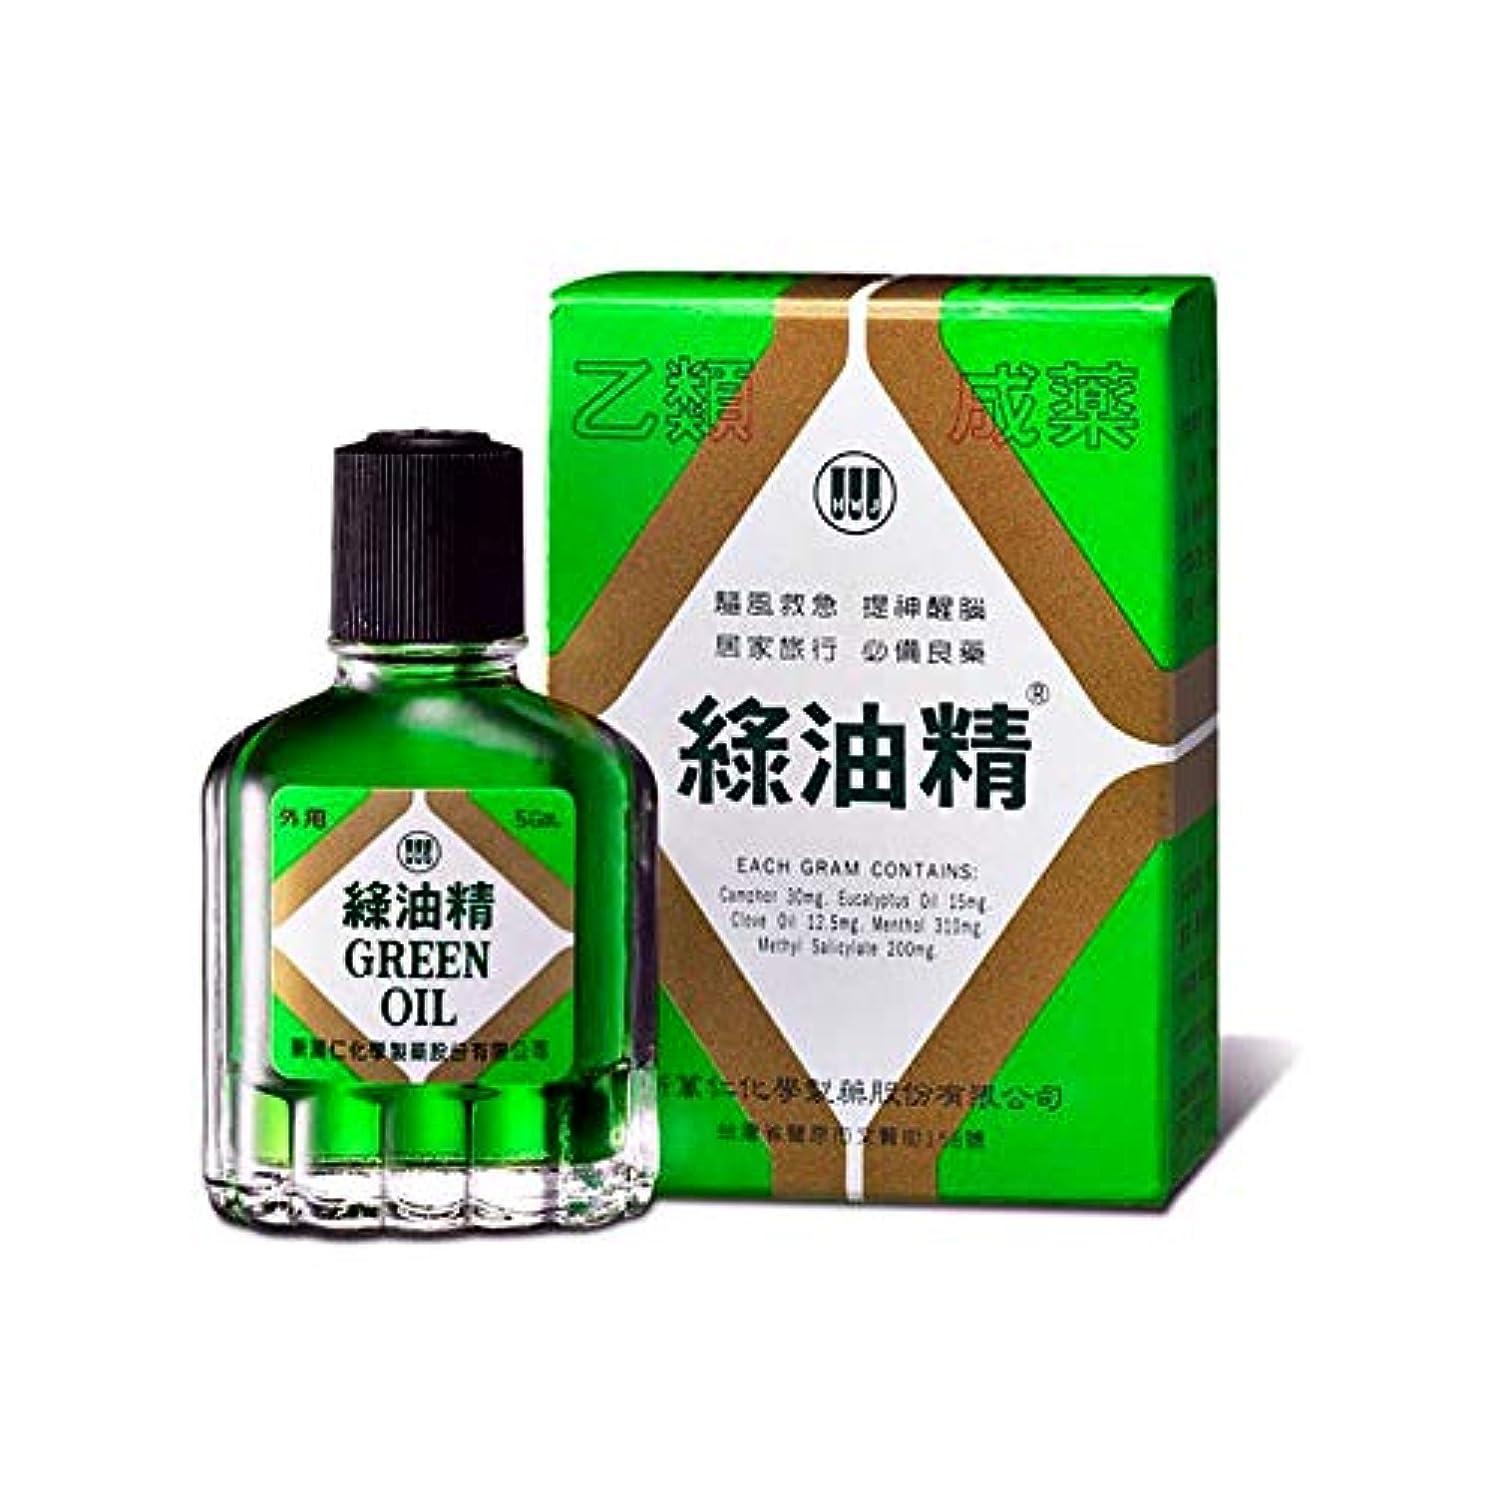 彼女のストレスラメ《新萬仁》台湾の万能グリーンオイル 緑油精 5g 《台湾 お土産》 [並行輸入品]